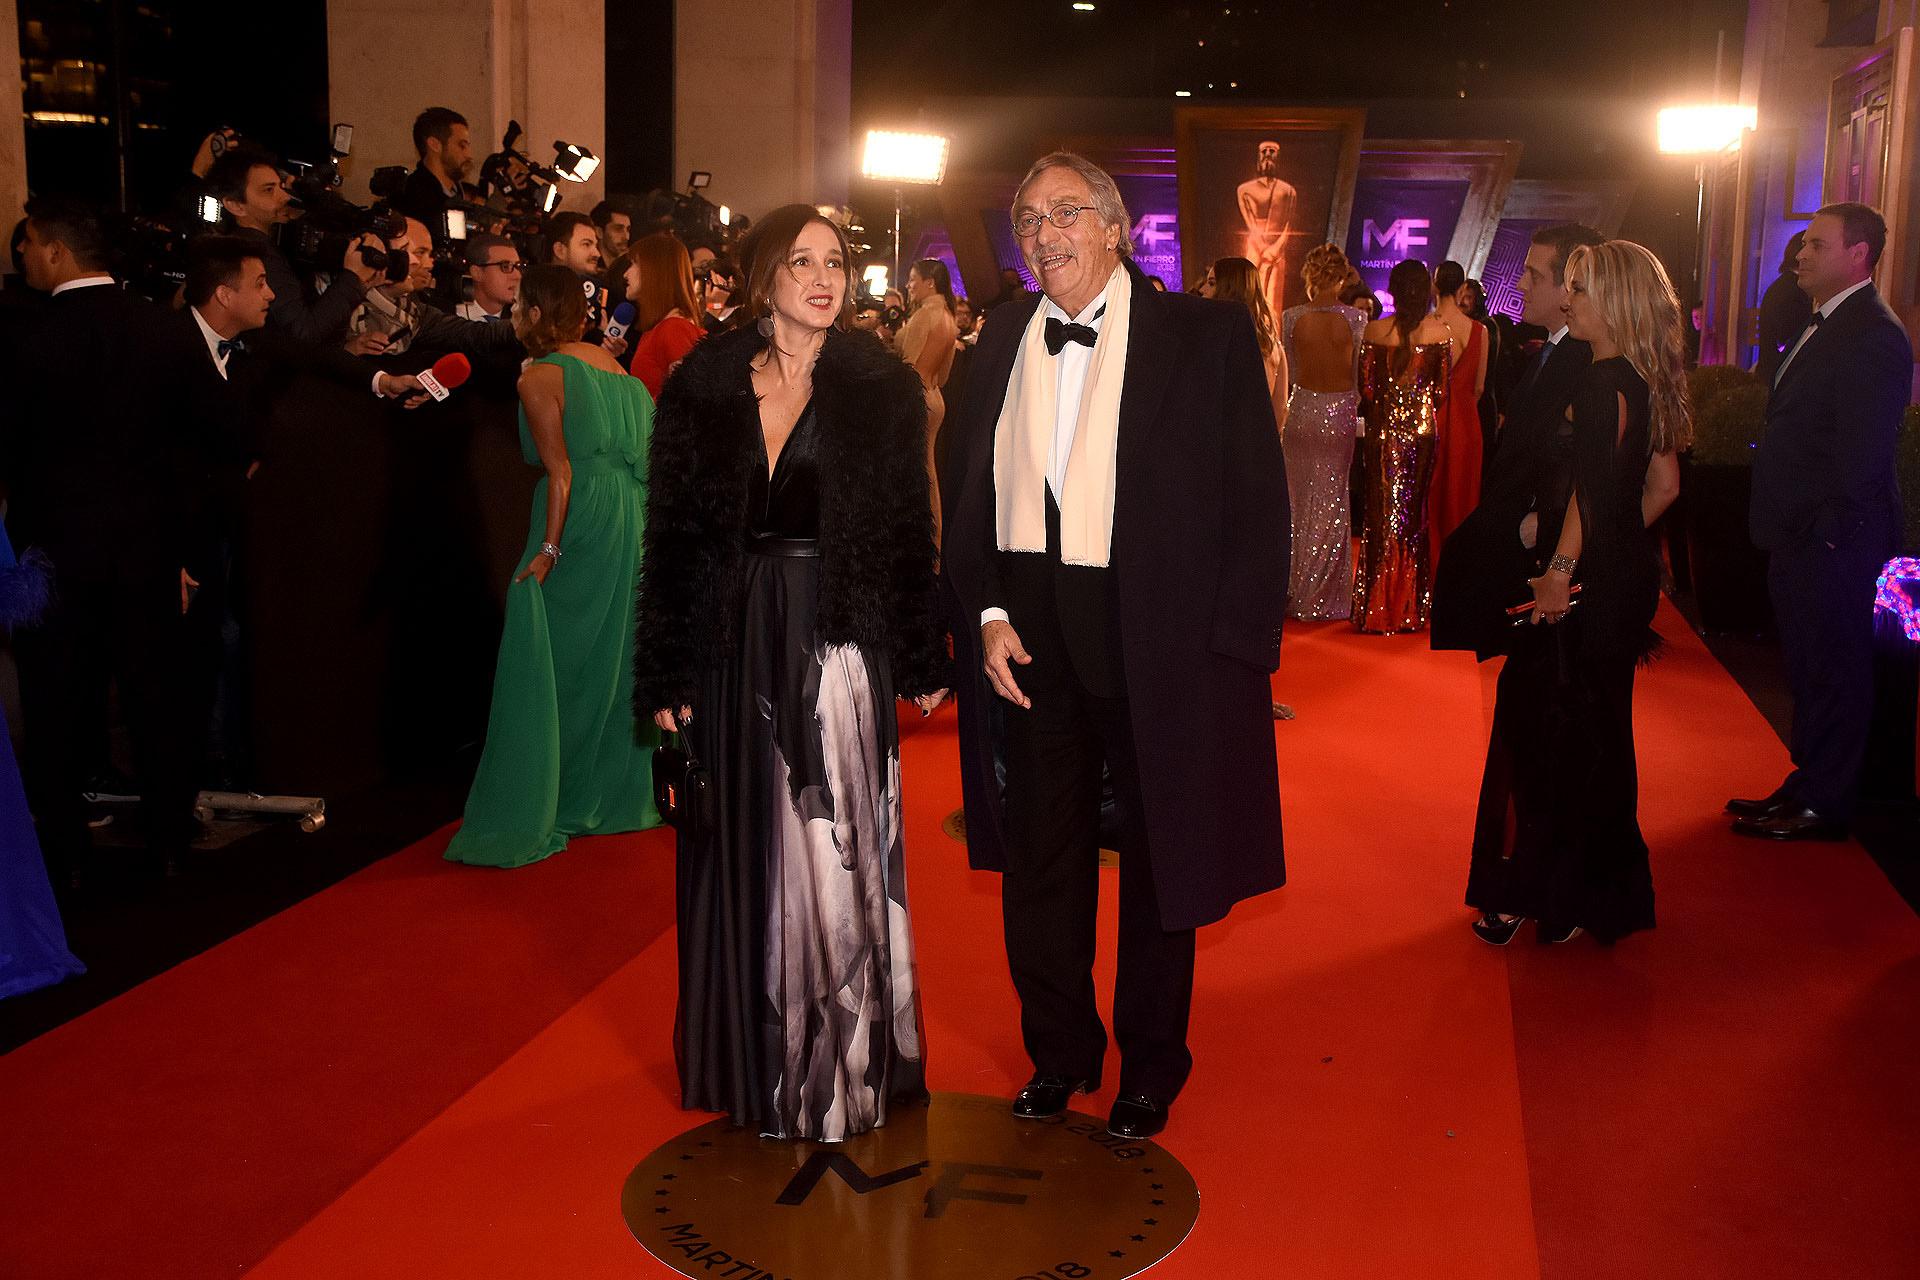 Luis Brandoni con traje negro, camisa blanca y moño negro. Lo combinó con una chalina beige y sobretodo a tono. Su mujer lo acompañó con un vestido estampado en blanco, negro y gris.